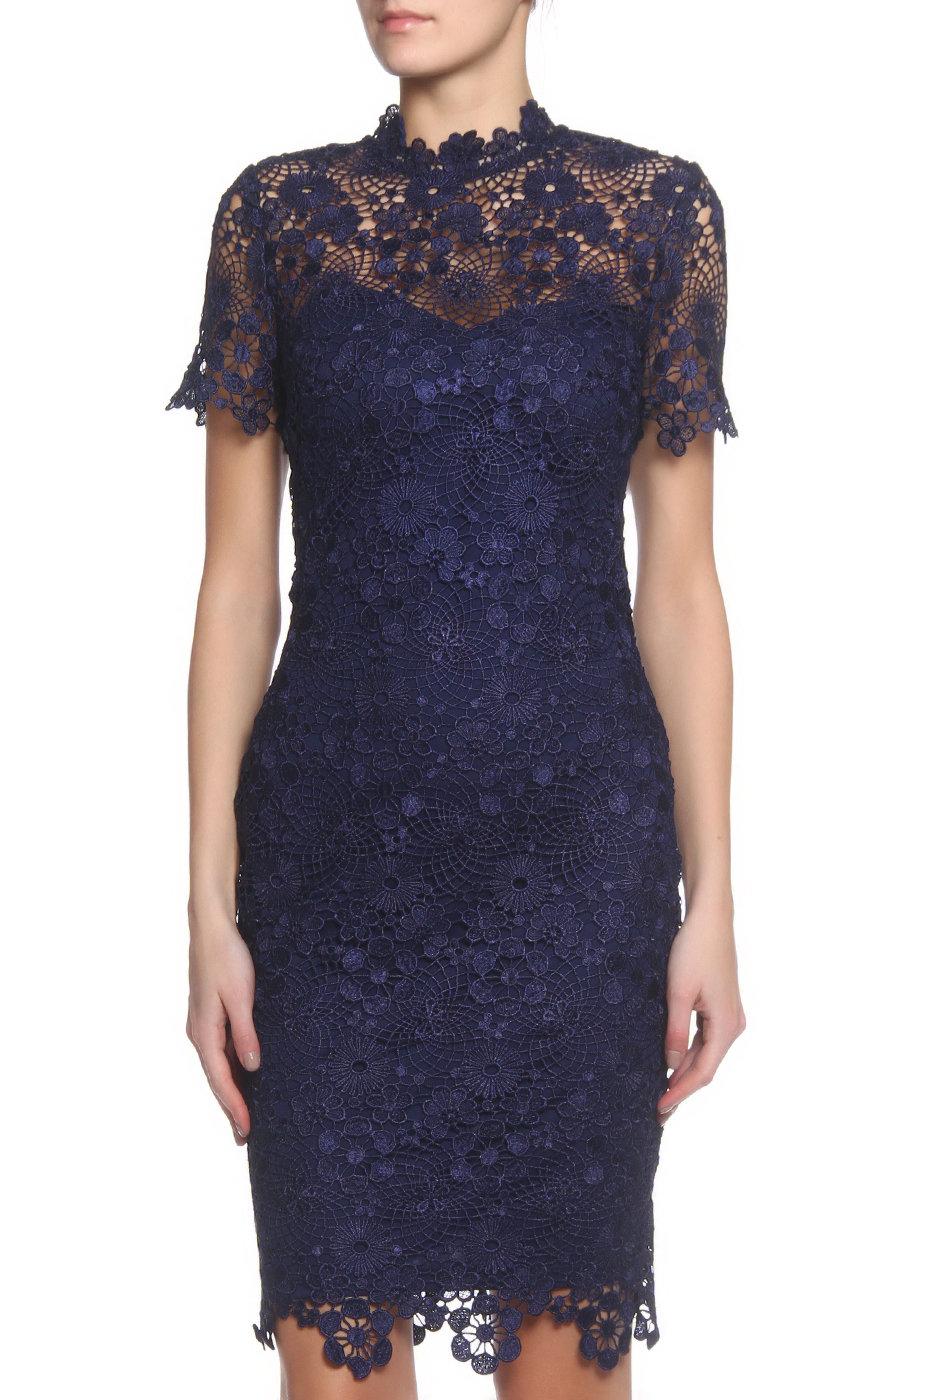 8b8fb6cc7296 Брендовые вечерние и коктейльные платья темно синего цвета в интернет  магазине MSK-MODA ! Размеры